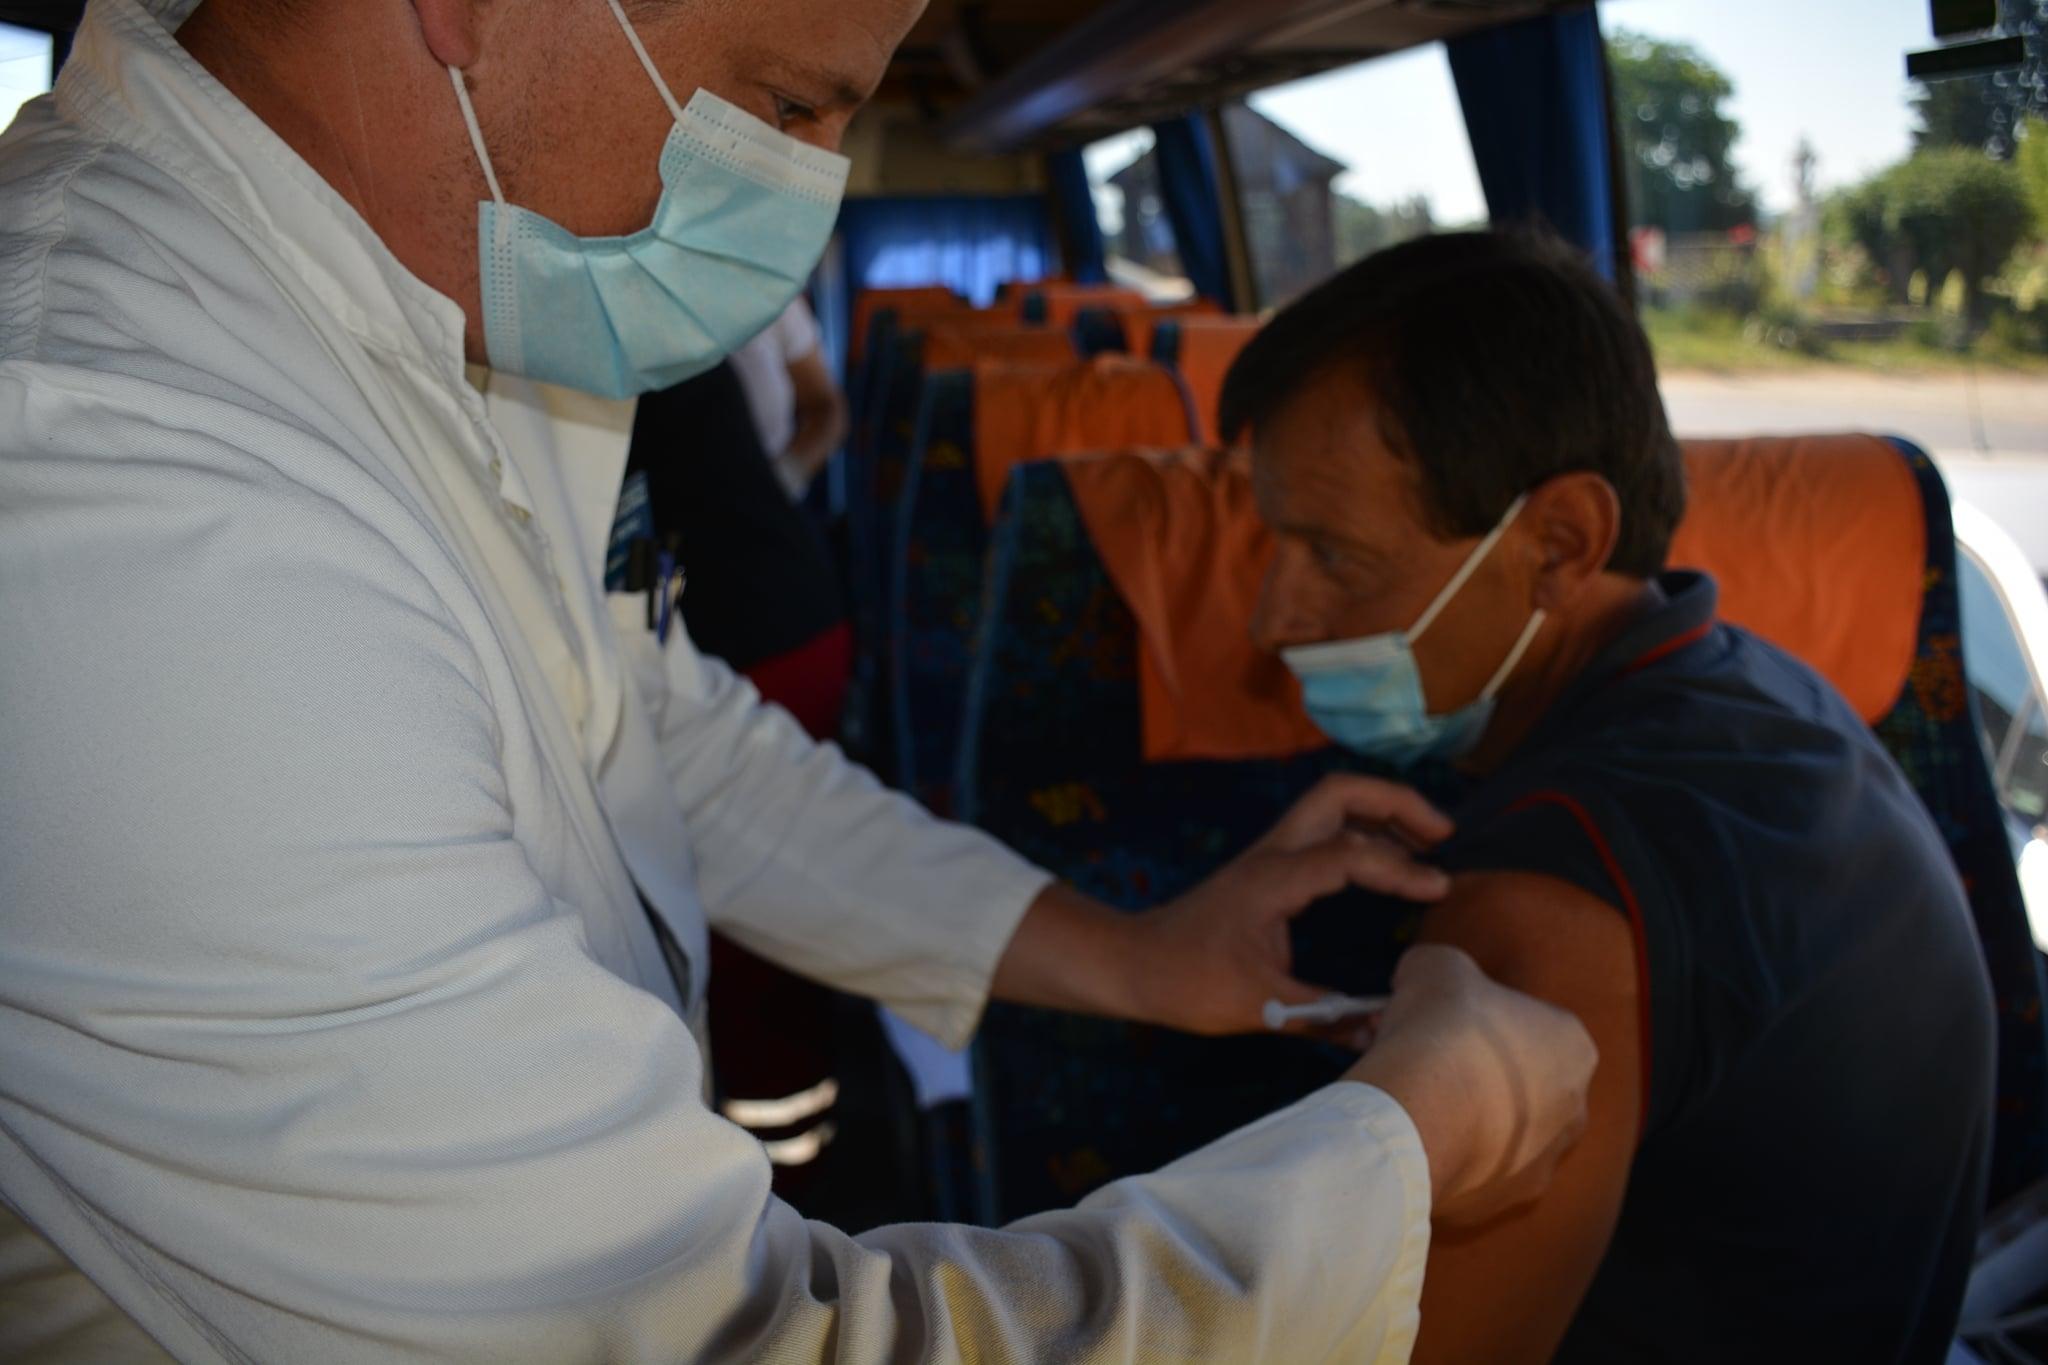 Cjepivo primilo 323 građana, kampanja se nastavlja Danima otvorenih vrata u Zavodu